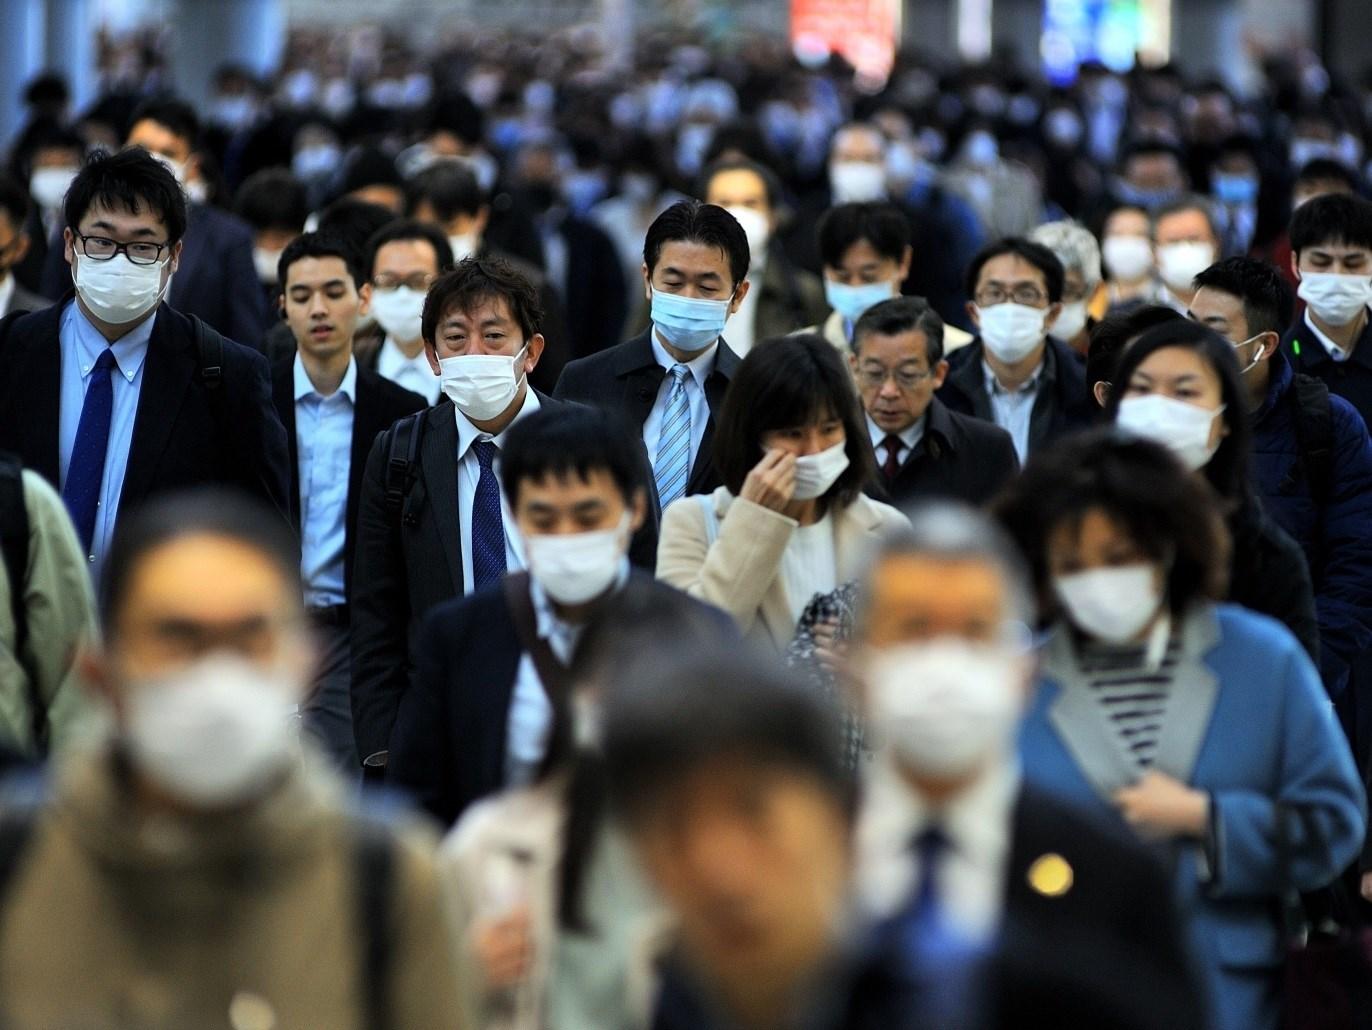 اليابان تسجل أكبر تراجع في صادراتها هذا العام